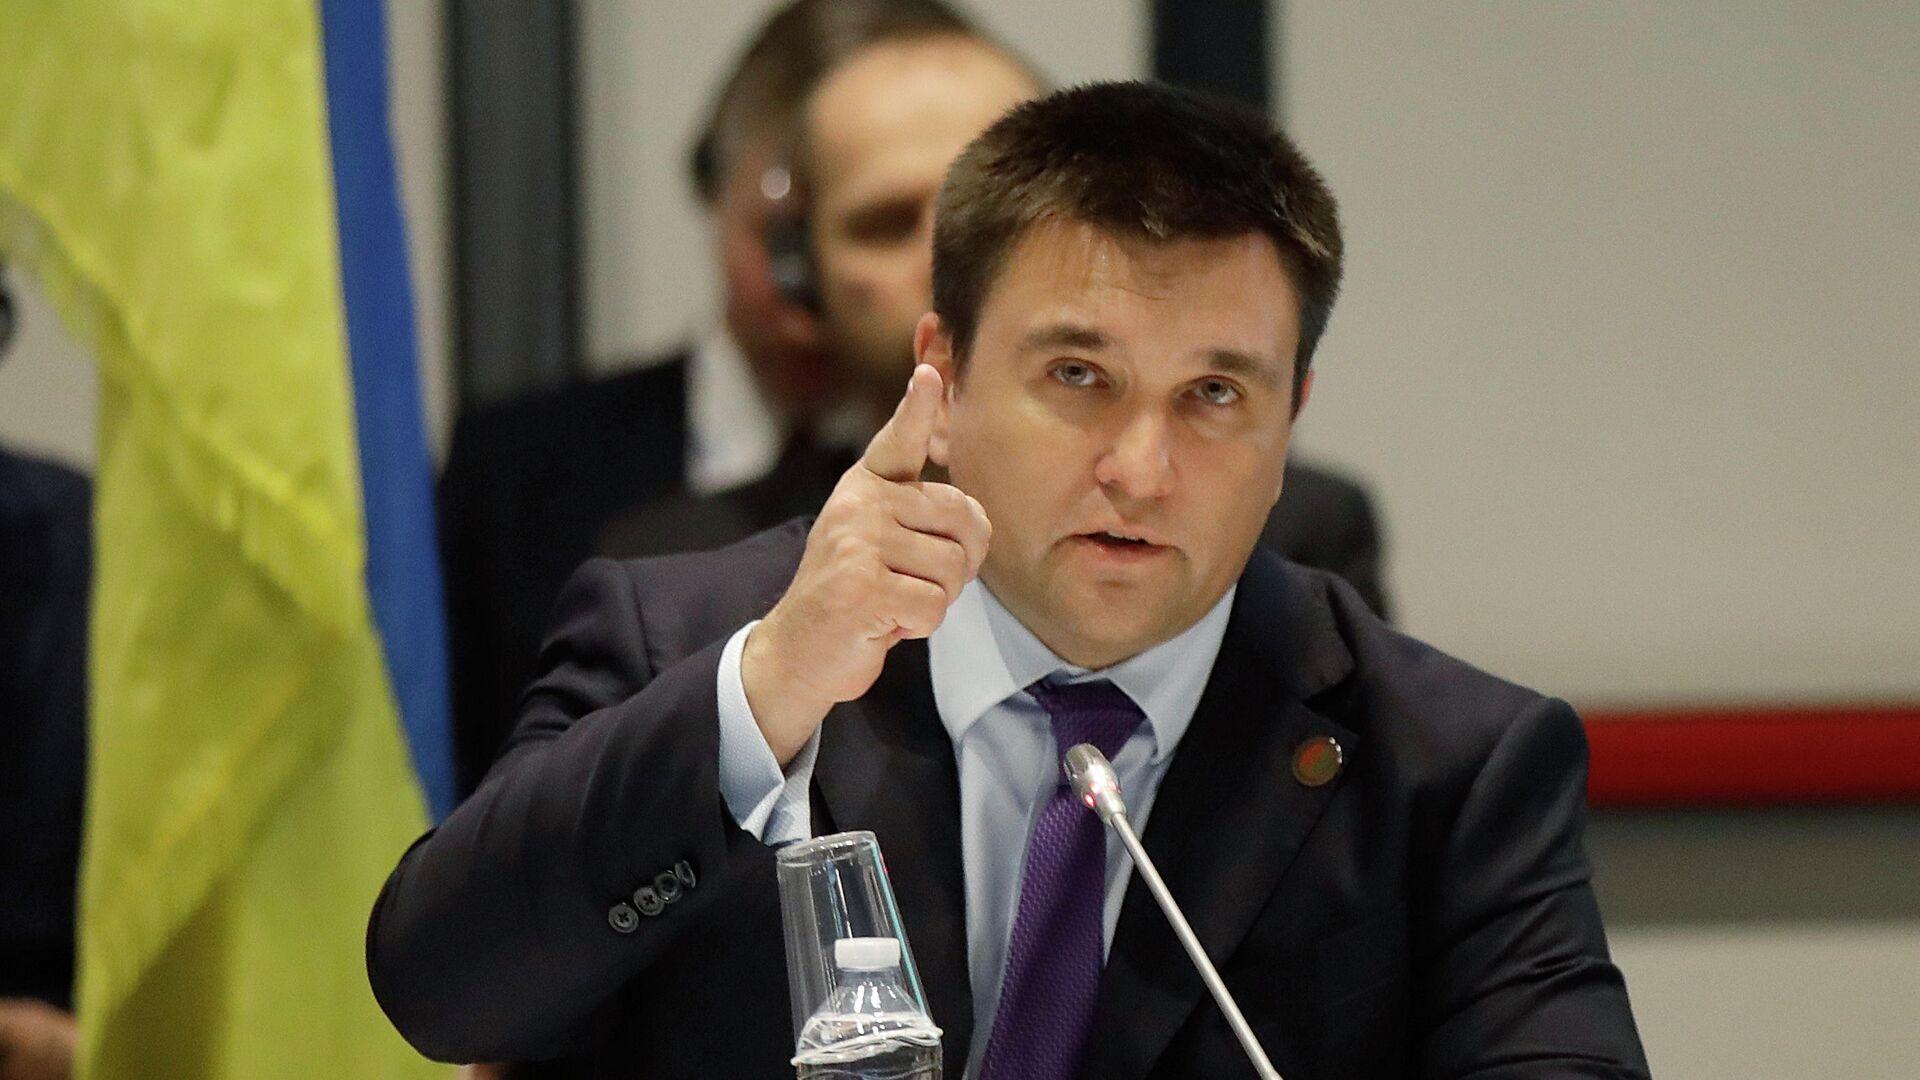 Министр иностранных дел Украины Павел Климкин  - РИА Новости, 1920, 23.03.2021